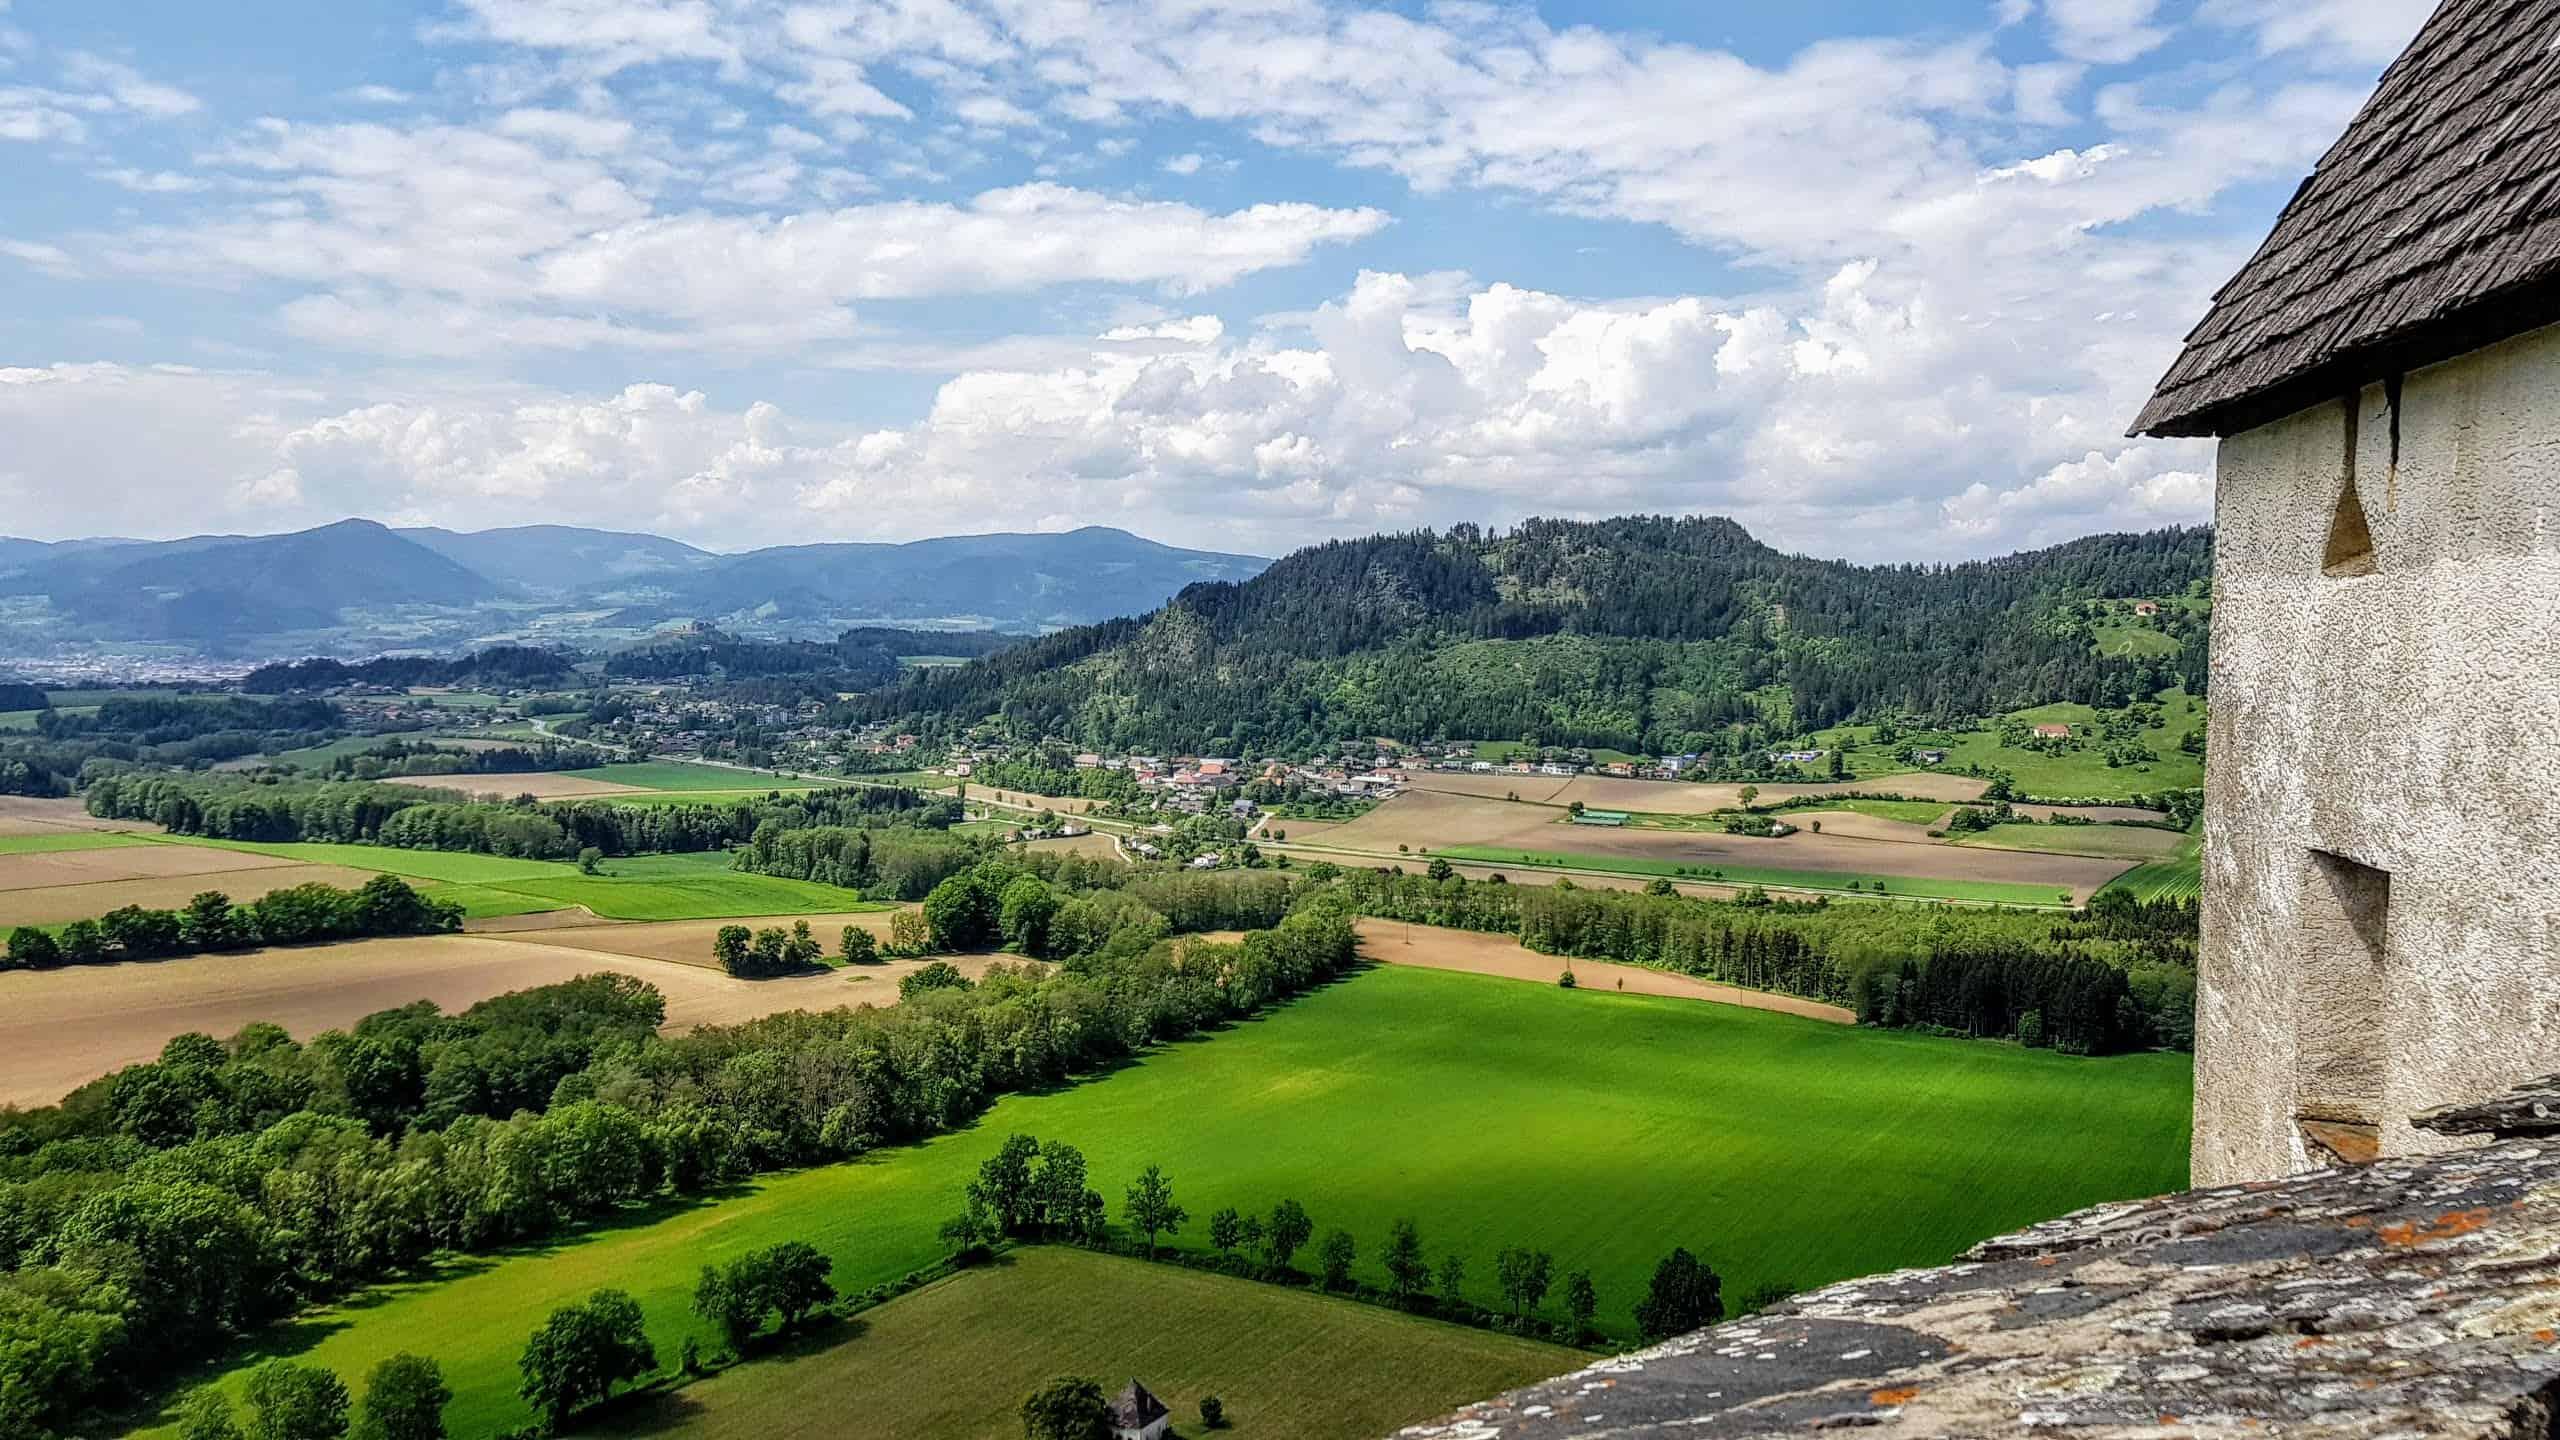 Aussichtsreiche Wanderung auf die Burg Hochosterwitz in Mittelkärnten mit Panorama-Blick-Garantie.